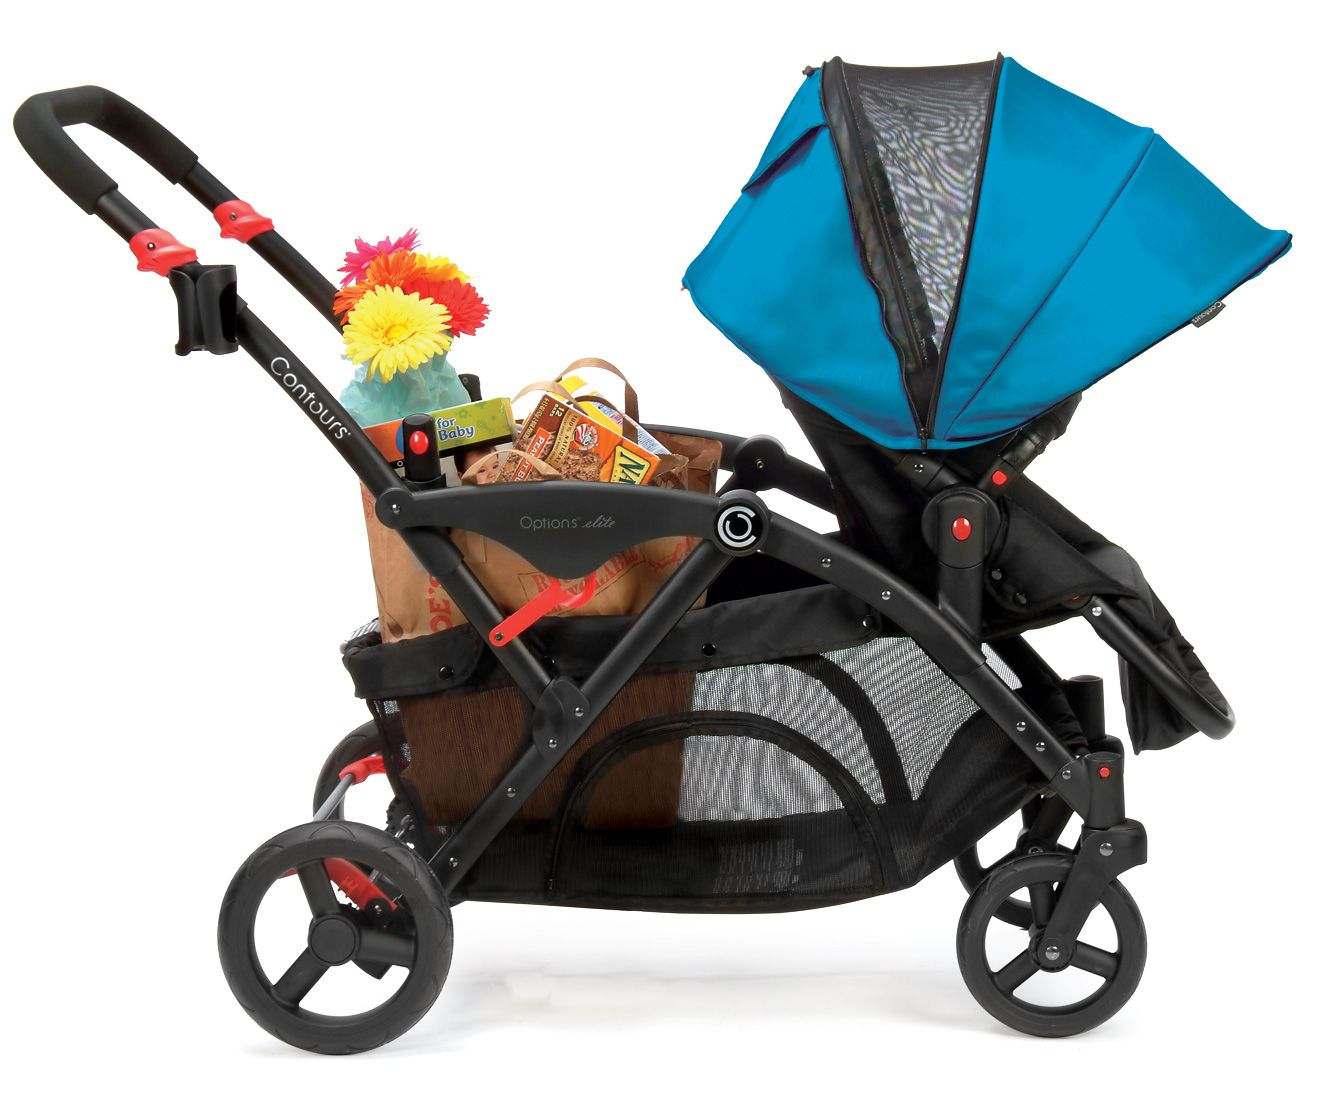 Tandem Stroller Tandem stroller, Contours options elite